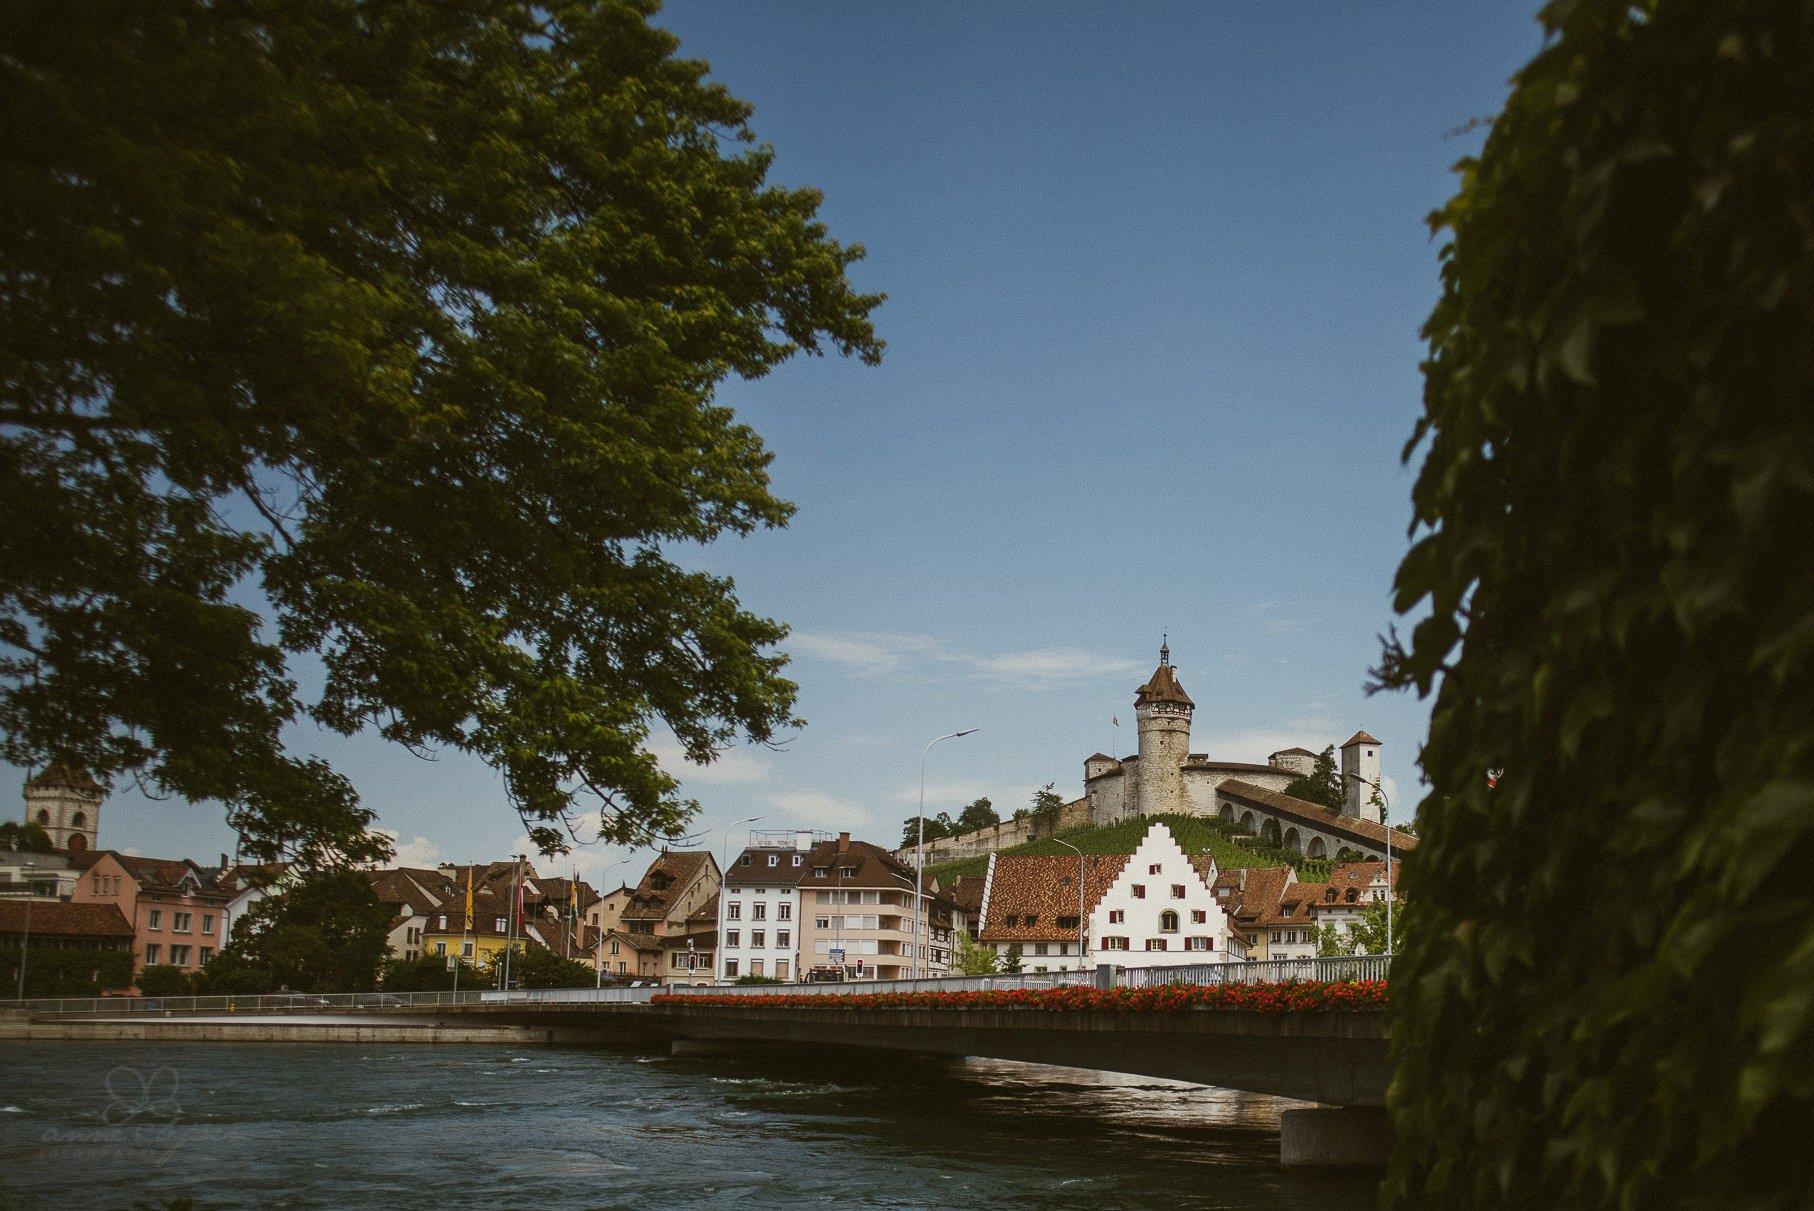 0018 anne und bjoern hochzeit schweiz 811 4055 - DIY Hochzeit in der Schweiz - Sabrina & Christoph